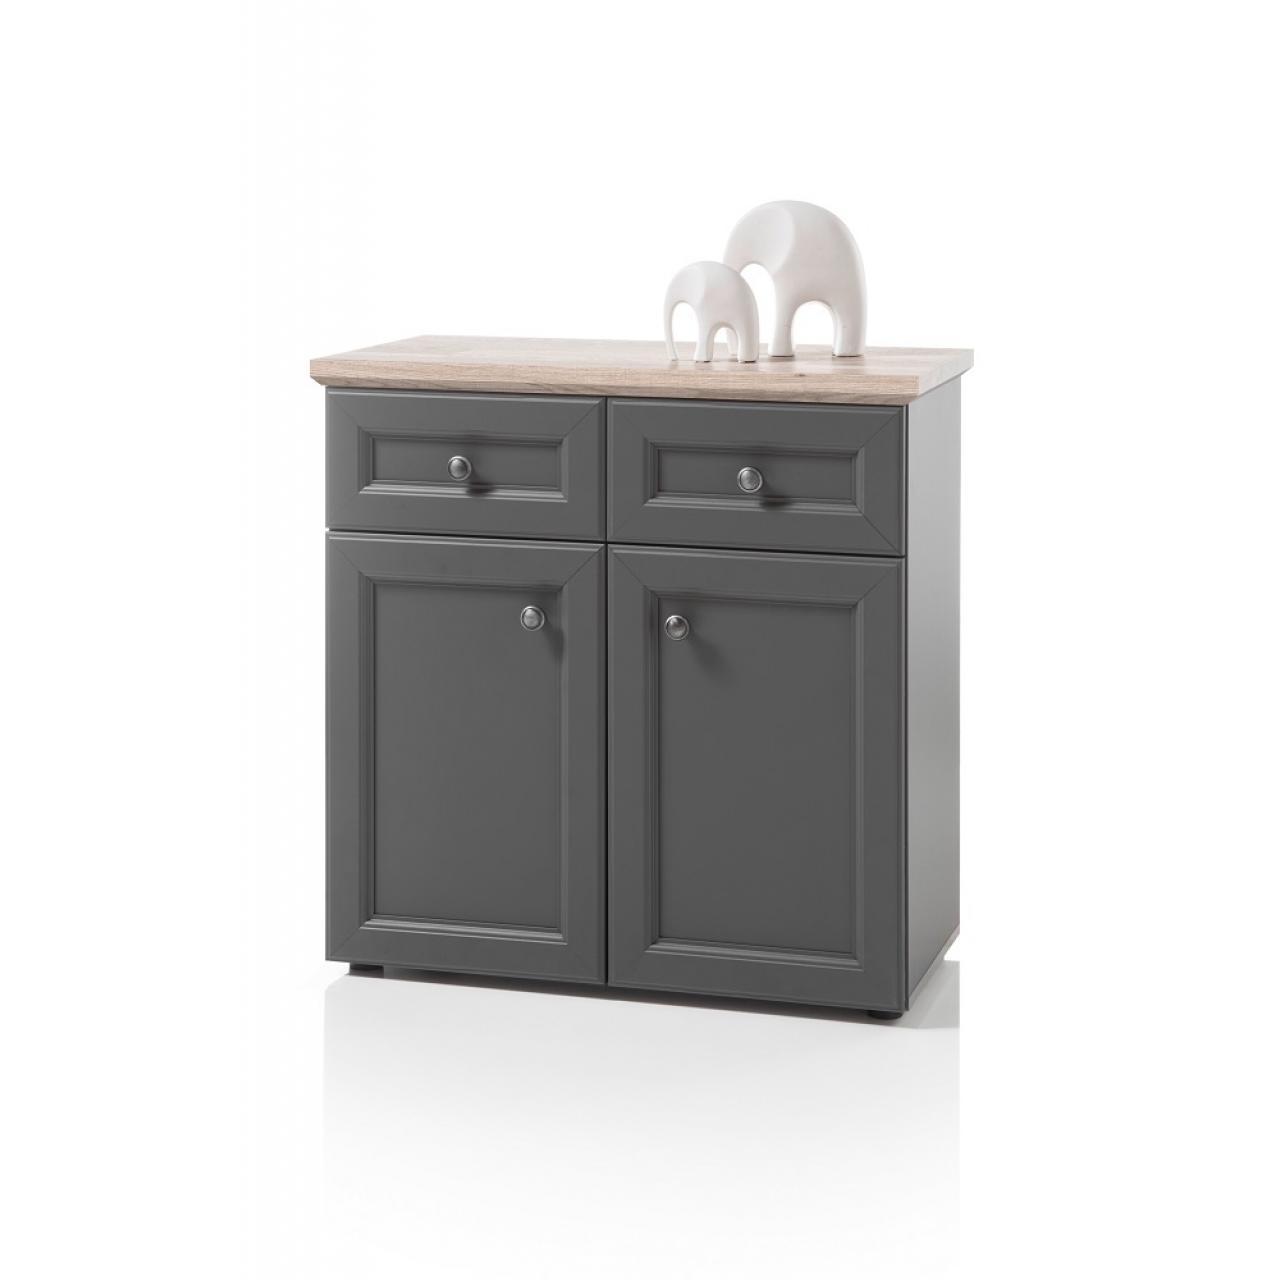 Kommode 2 Toskana Grau Timber Wood Nb. 2 Türen 2 Schubladen Anrichte Sideboard